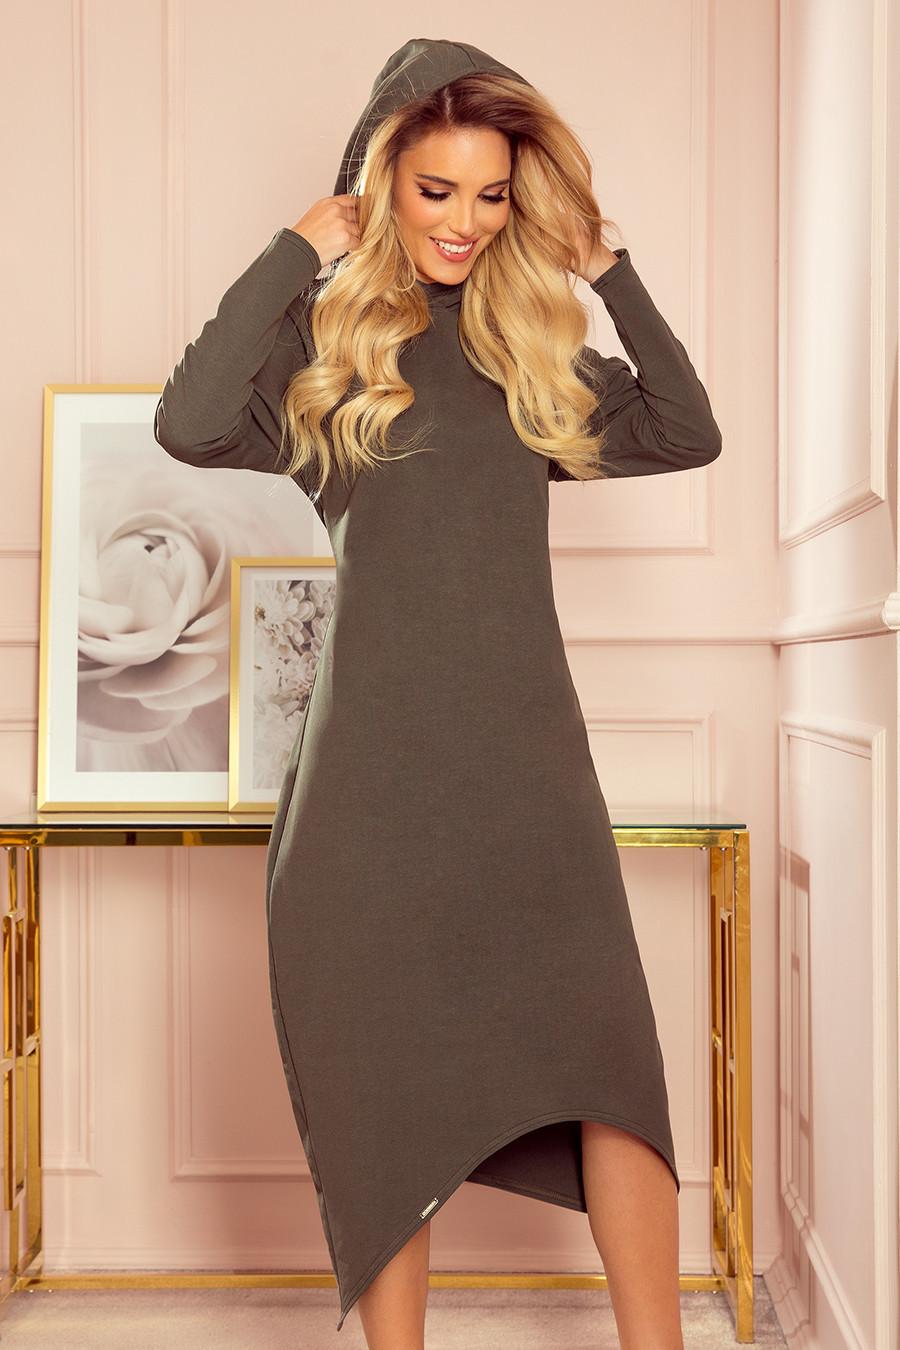 HARPER - Dámské midi šaty v khaki barvě s kapucí 333-2 XL